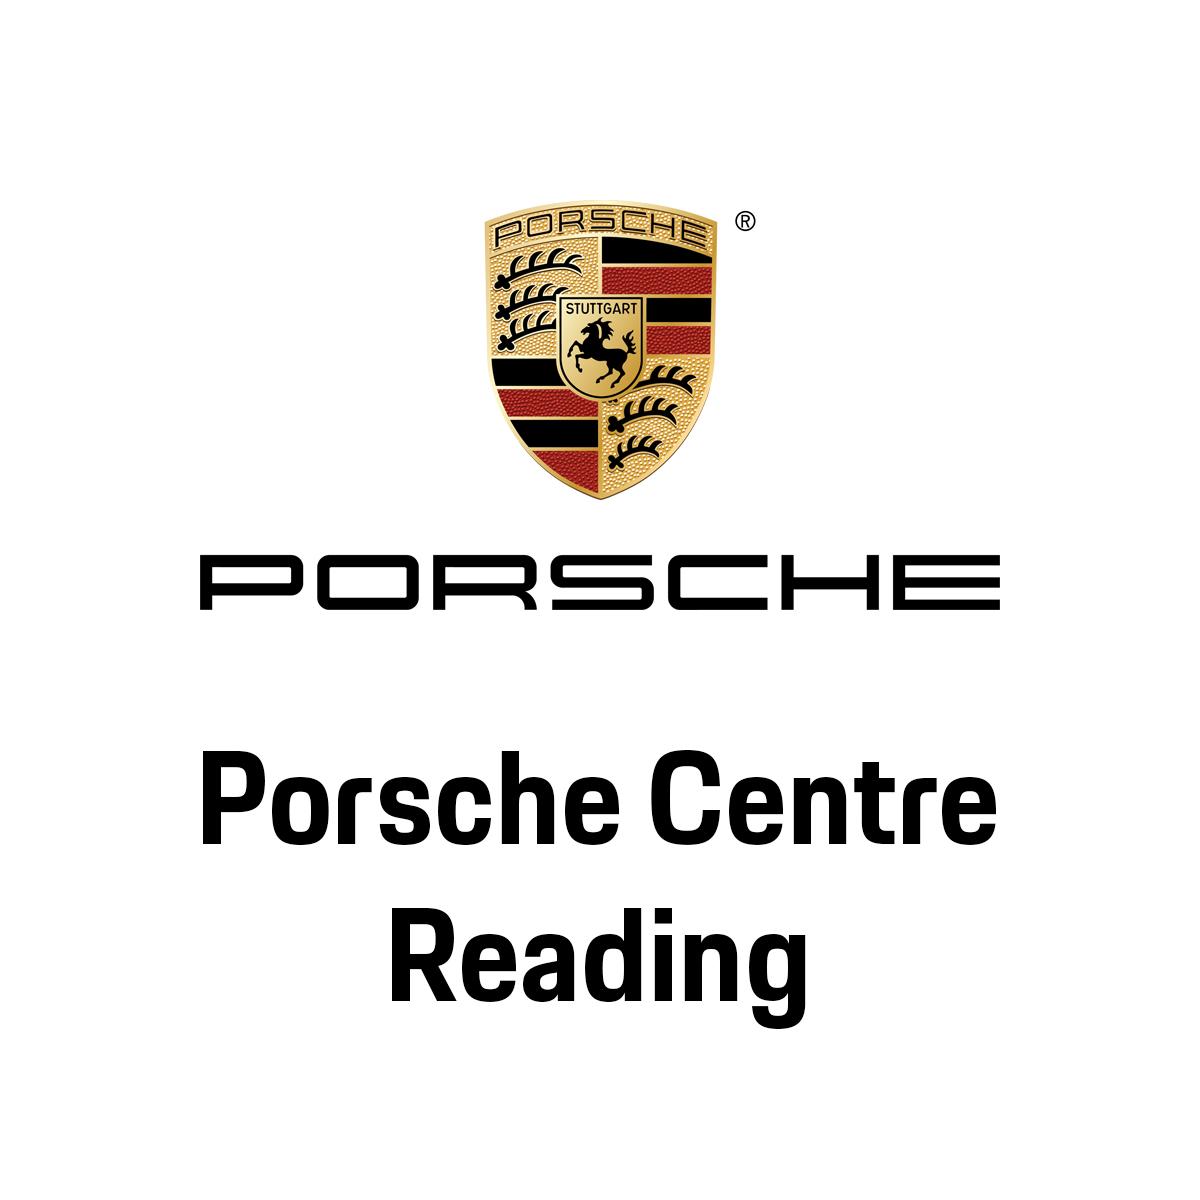 Porsche Centre Reading